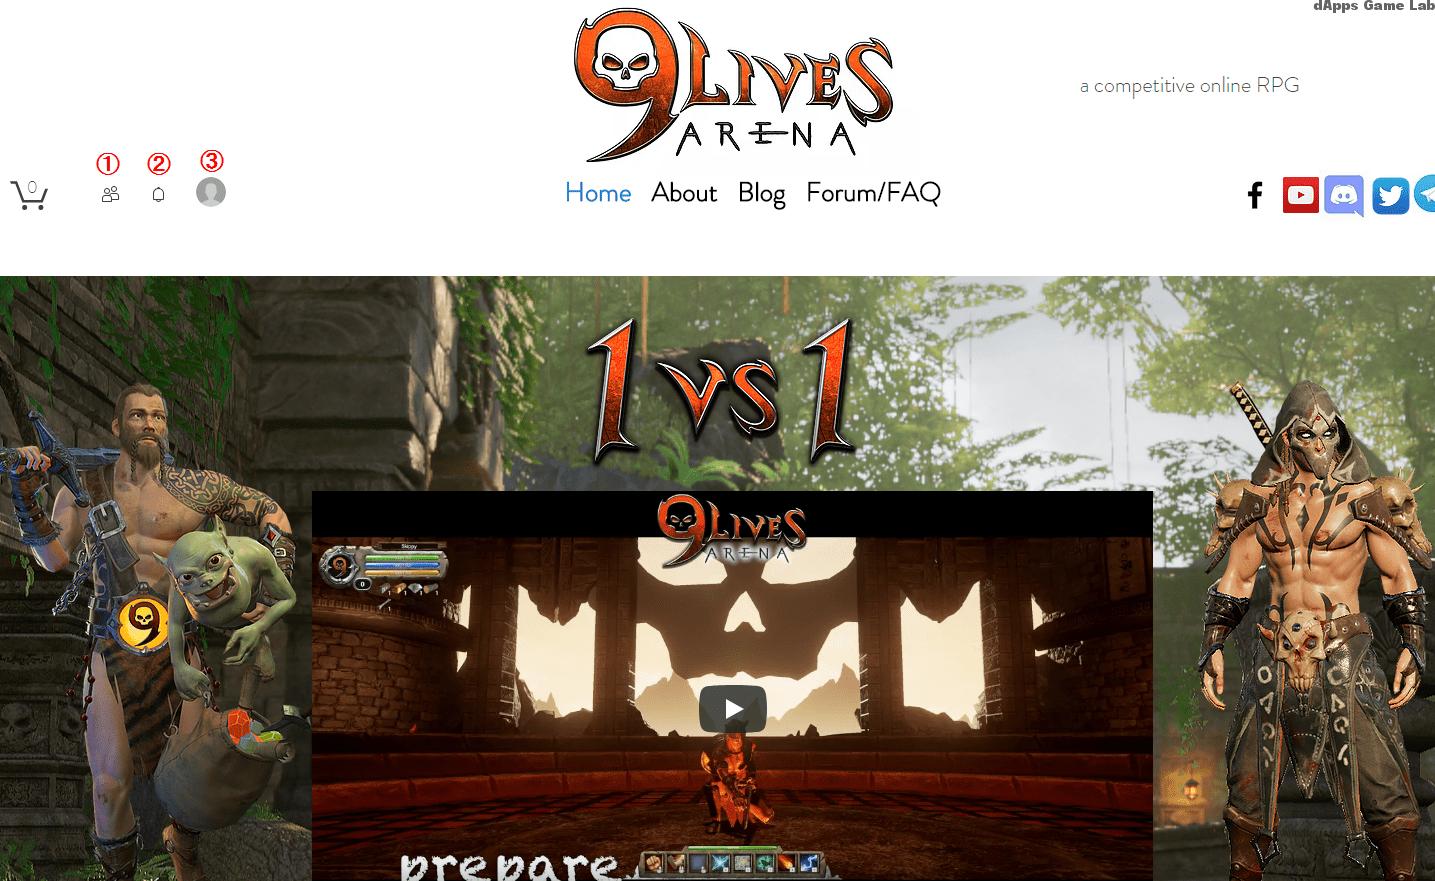 9Lives Arena-9